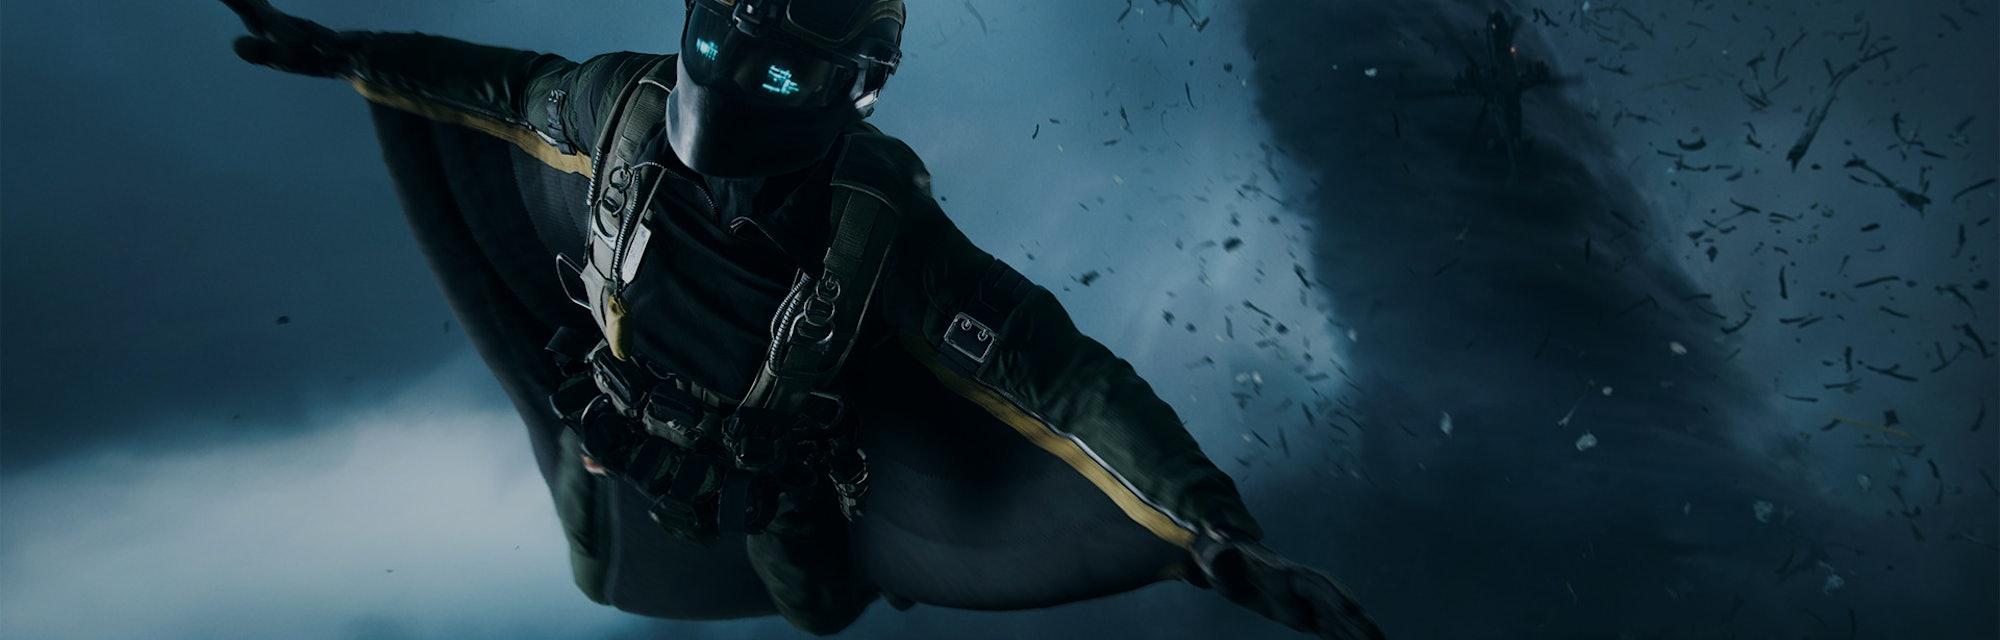 A screenshot of Battlefield 2042